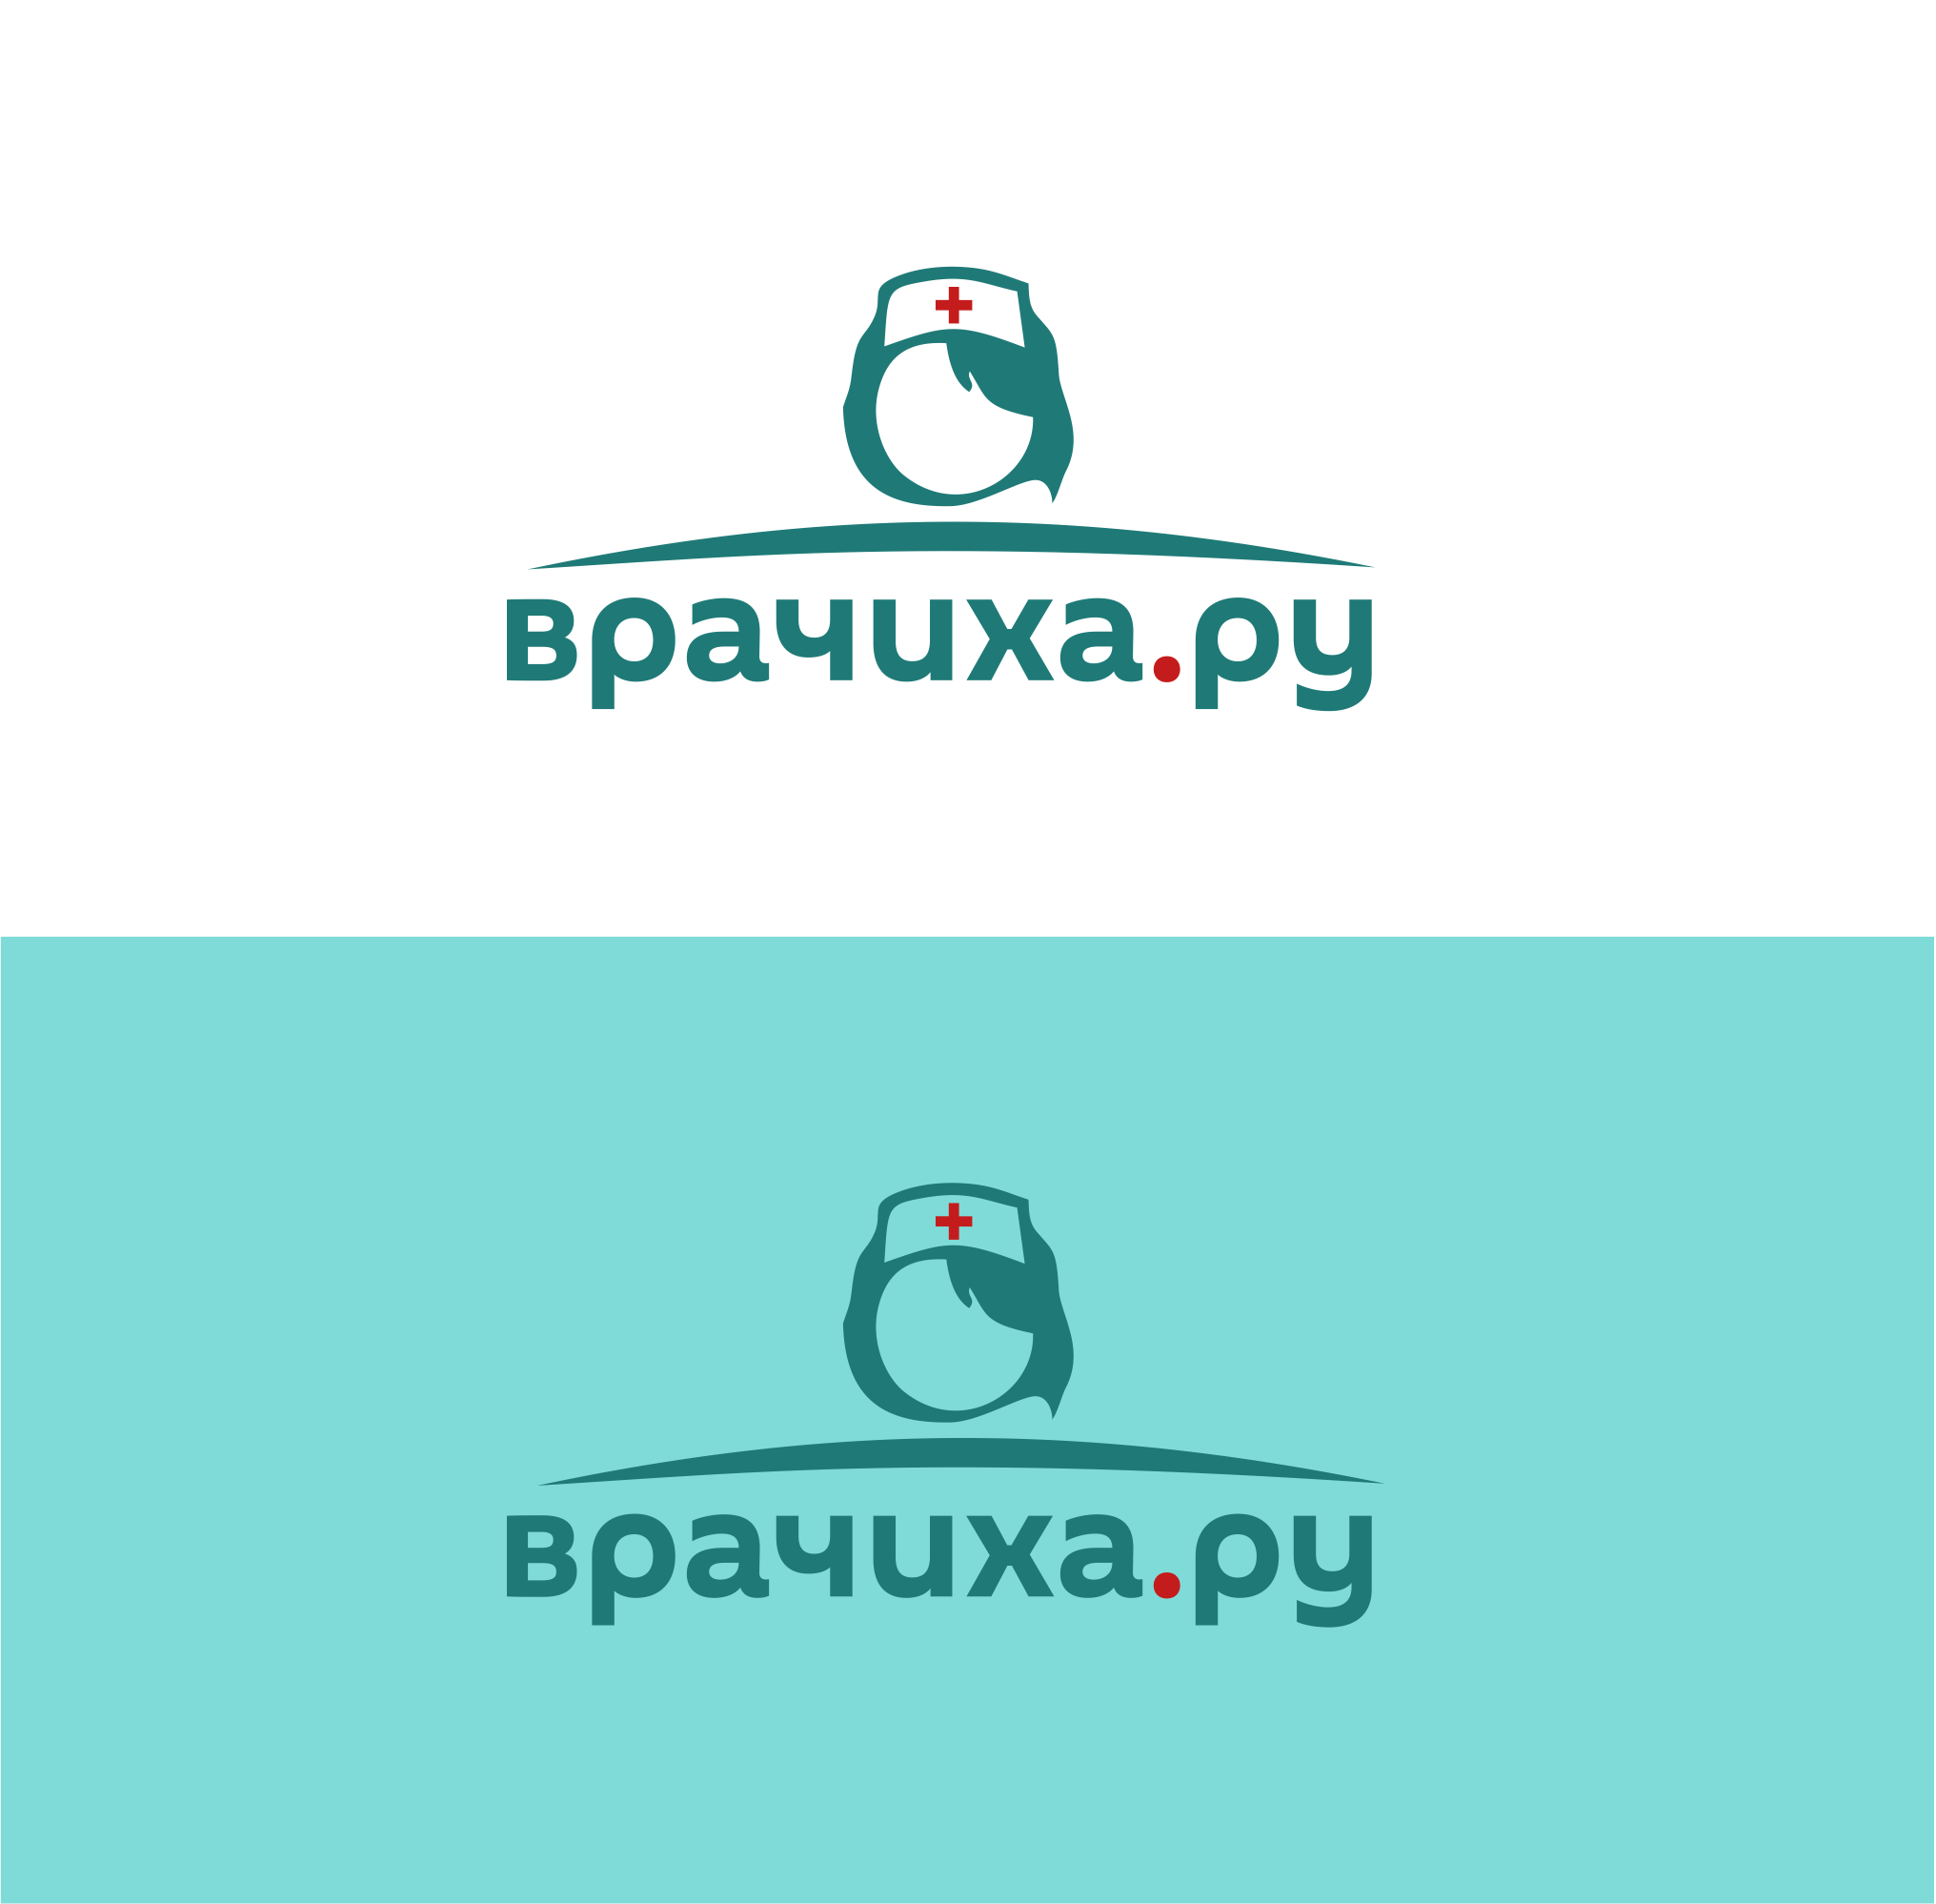 Необходимо разработать логотип для медицинского портала фото f_3115bfe1265a7a84.png